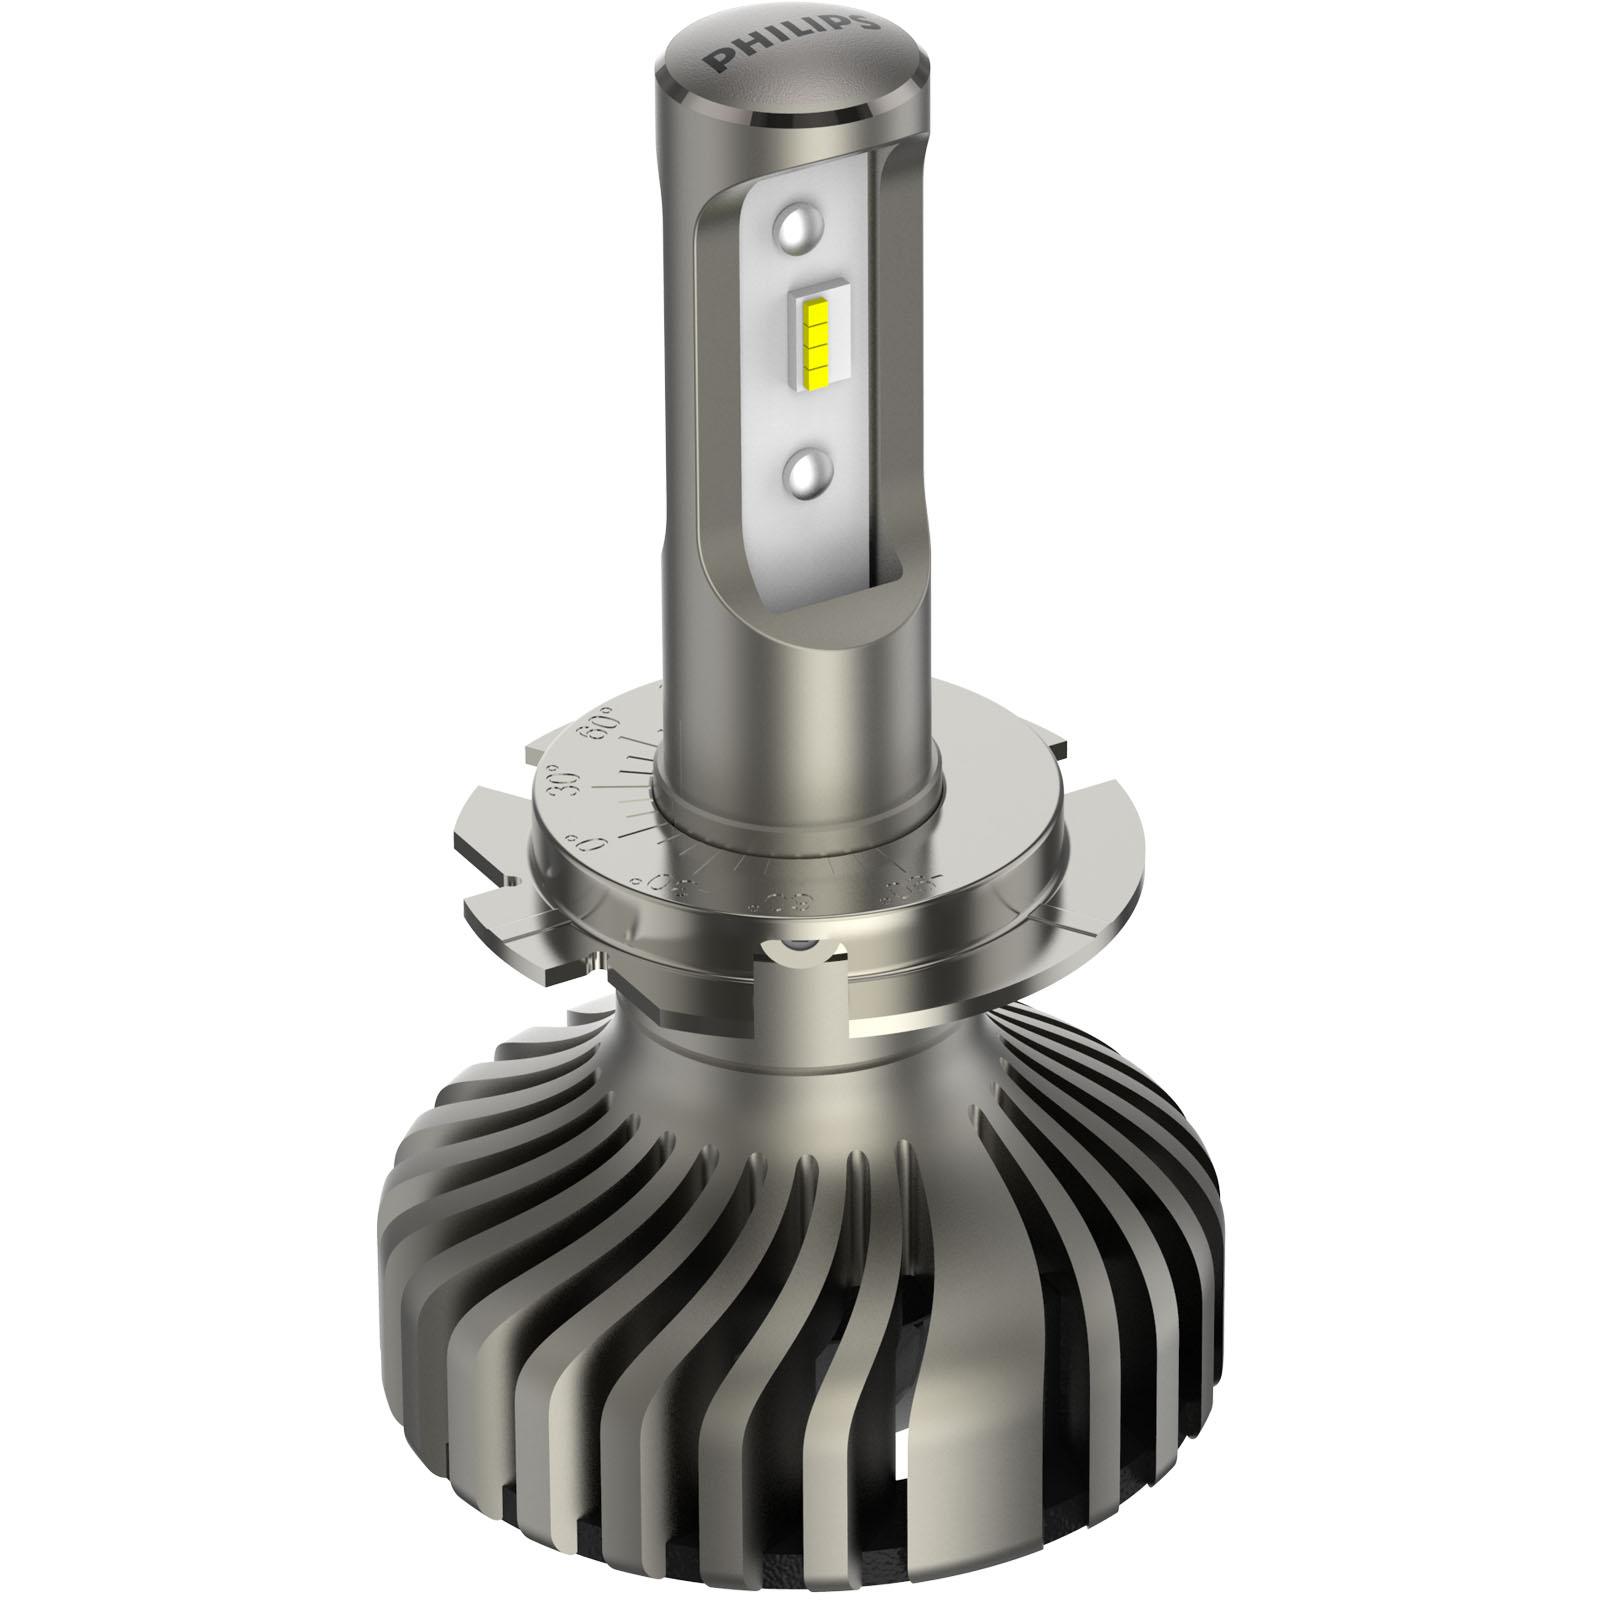 Bosch Pure Light Headlight Bulbs